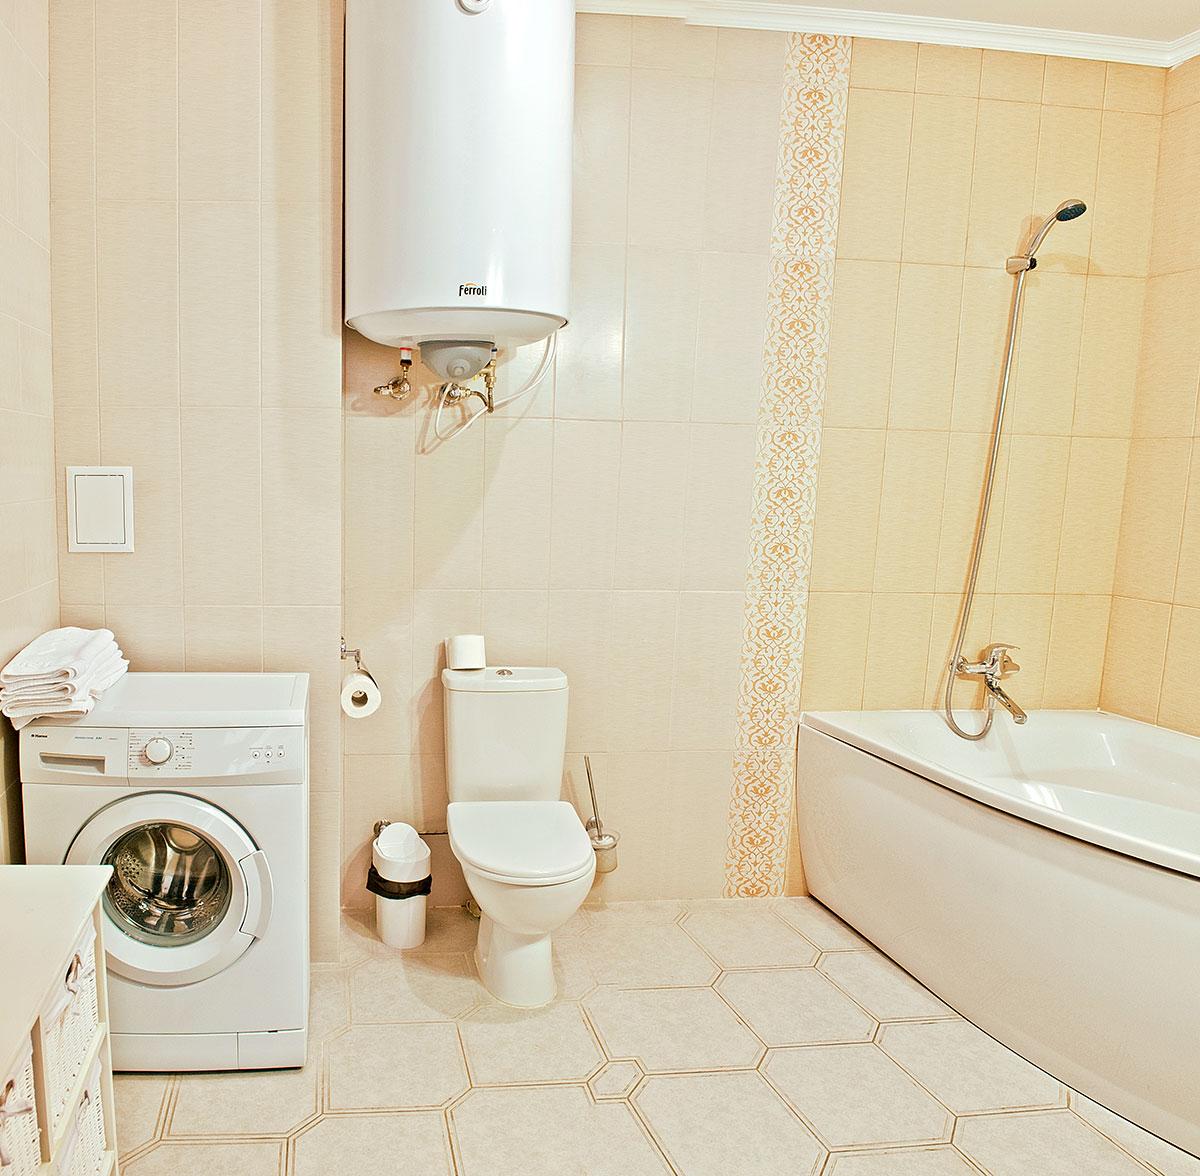 foto_apartament_12_d3_d4_6.jpg